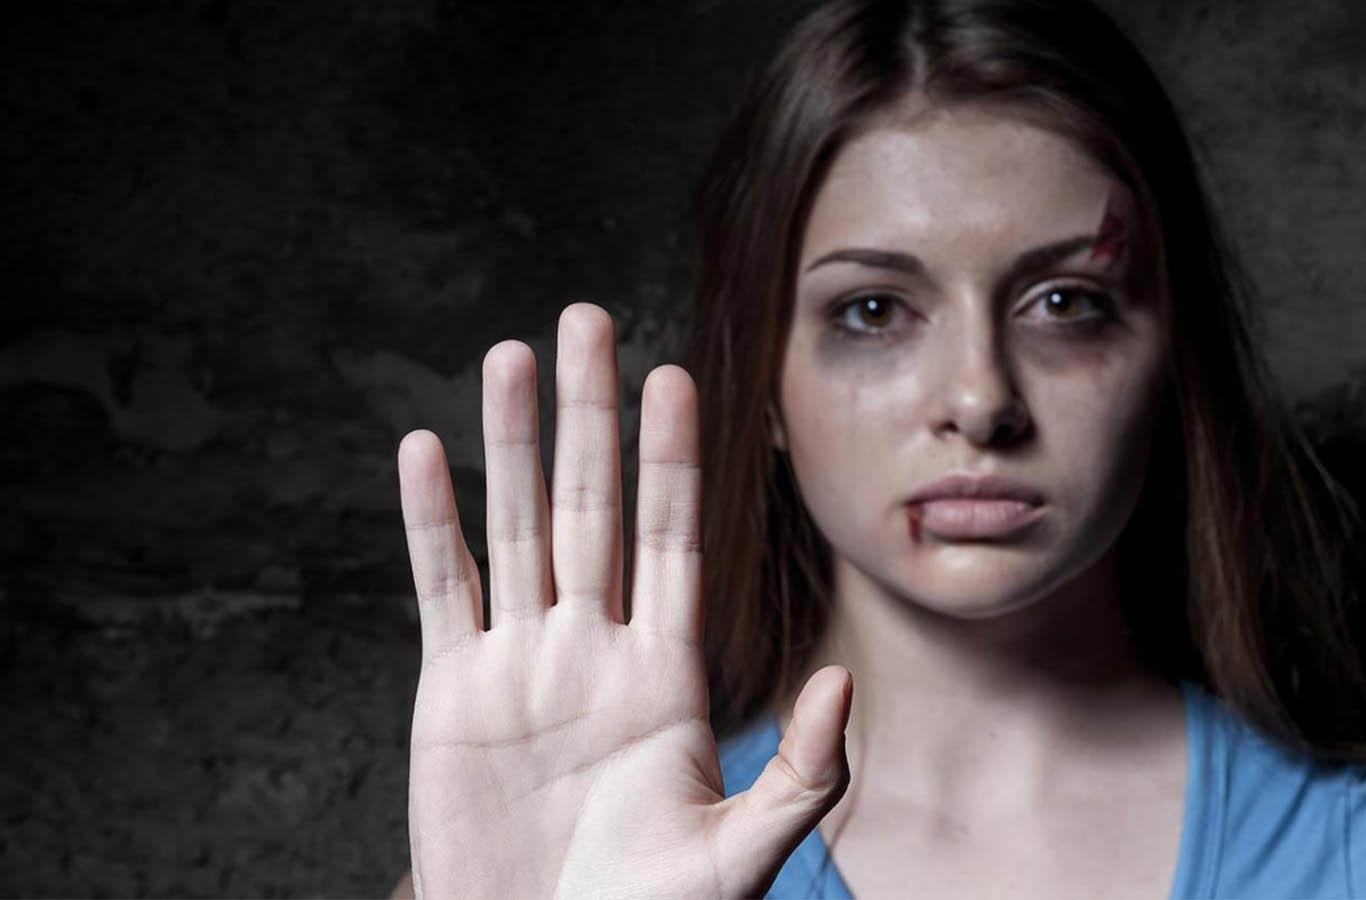 در ترکیه اگر بانویی مورد خشونت خانگی قرار بگیرد چه کار باید بکند